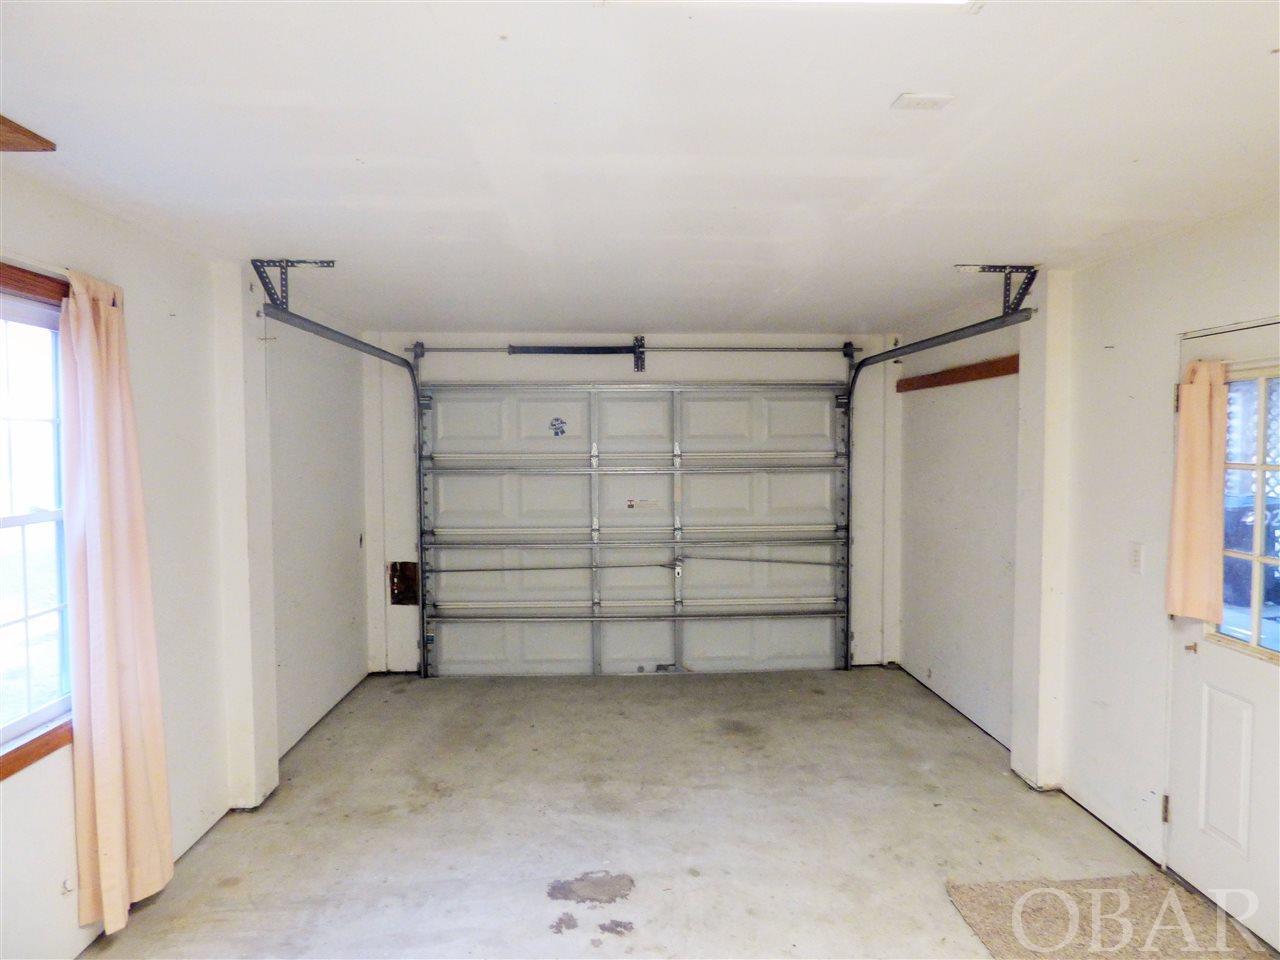 2026 Smithfield Street,Kill Devil Hills,NC 27948,3 Bedrooms Bedrooms,2 BathroomsBathrooms,Residential,Smithfield Street,99114